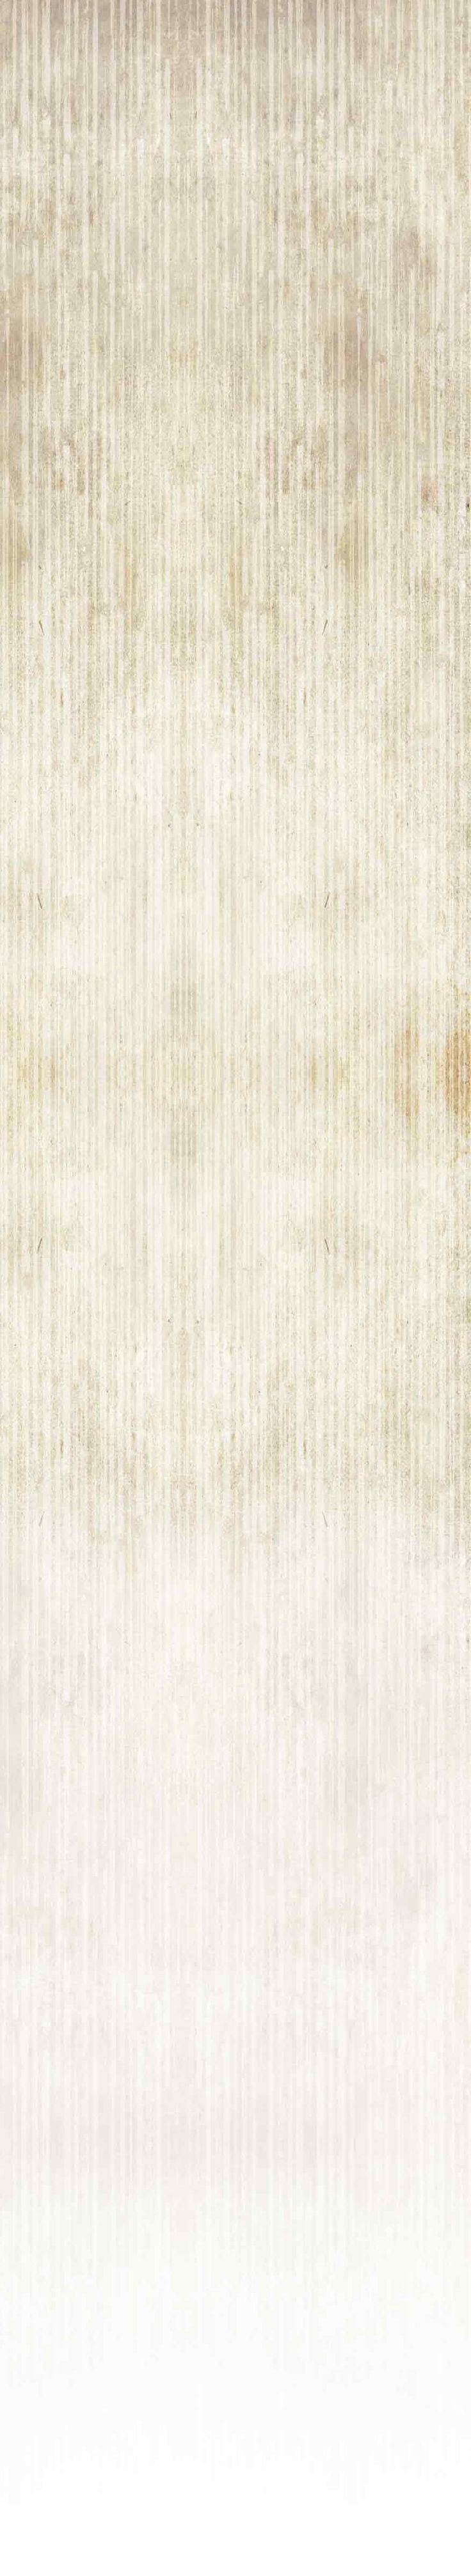 Mini Cruiser MAKAHA aus Holz | Longboard Shop JUCKER HAWAII